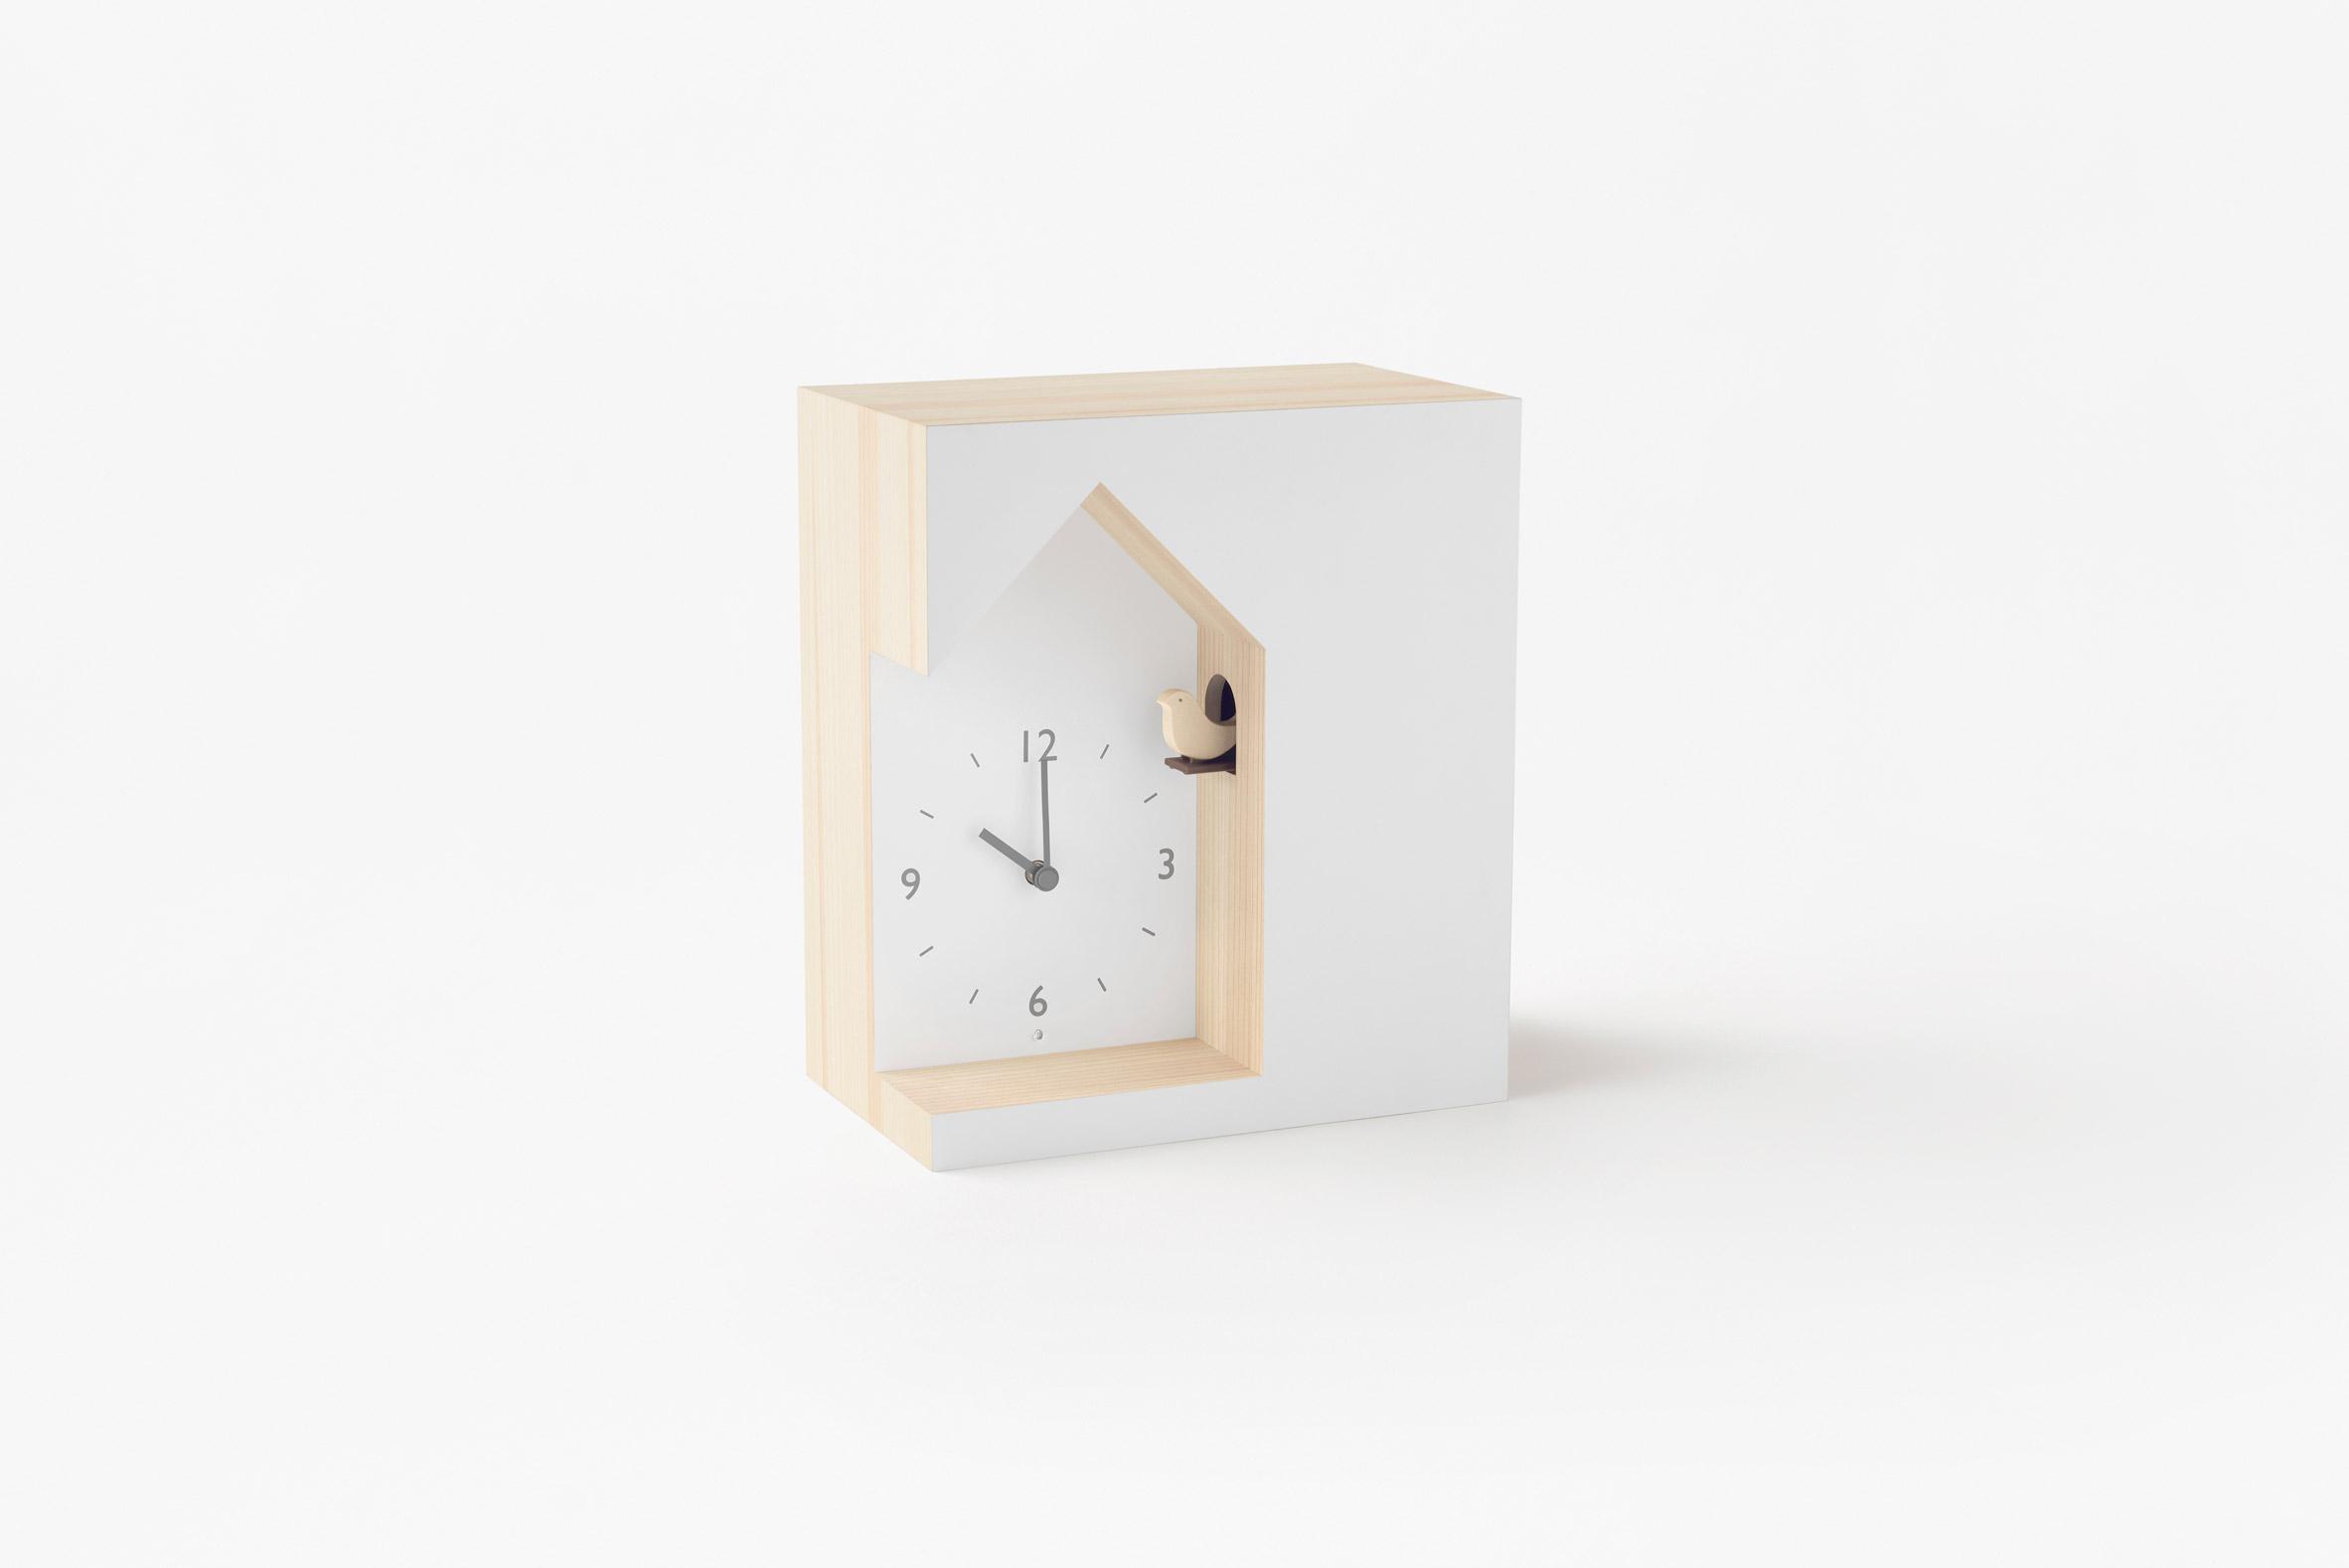 nendo-cuckoo-clocks-noko-010.jpg